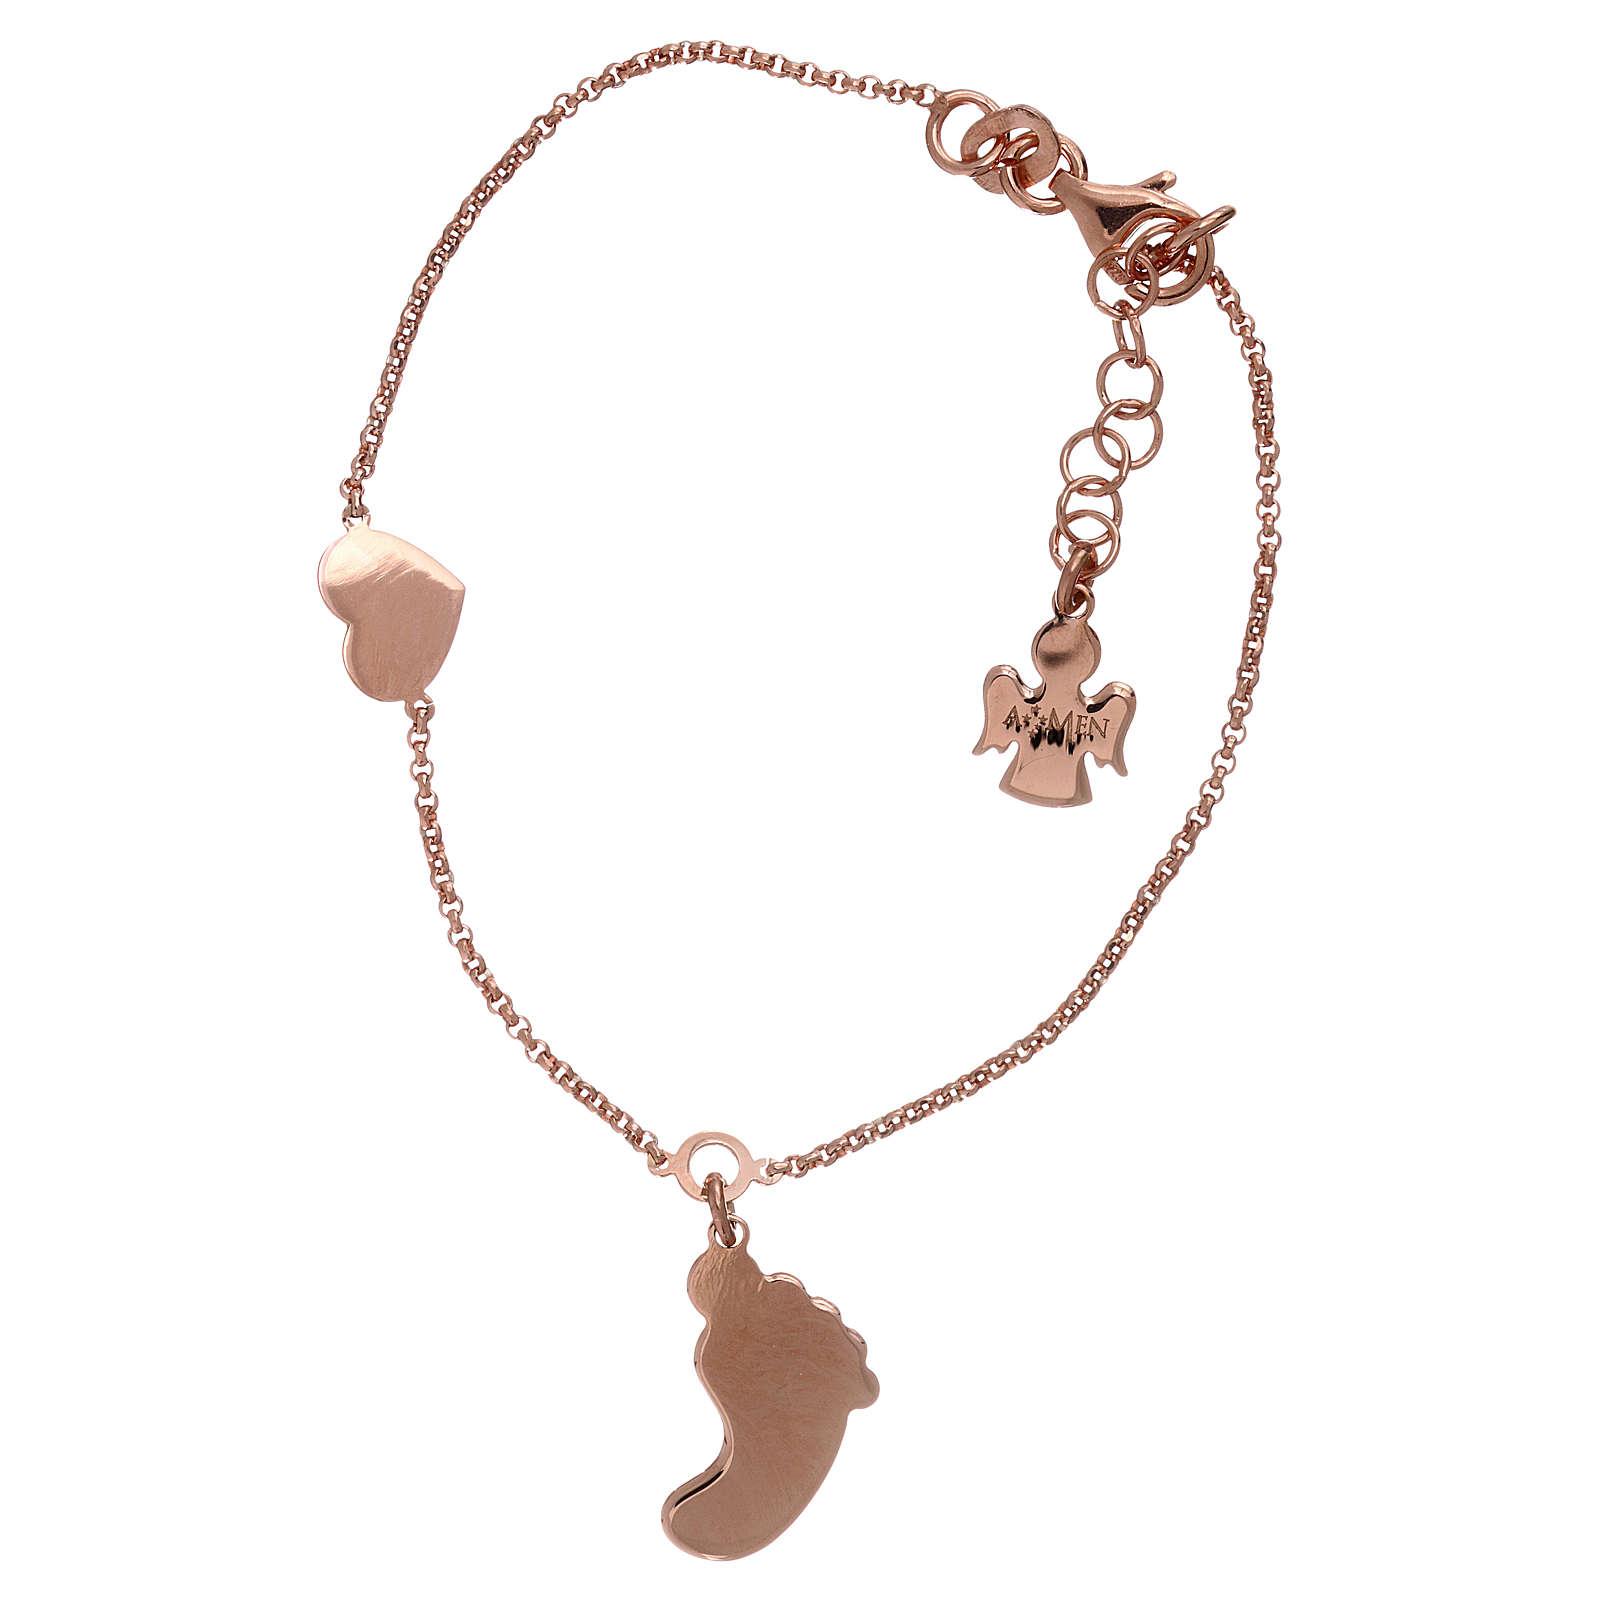 Bracciale argento 925 rosé con pendente forma piede e cuore AMEN 4